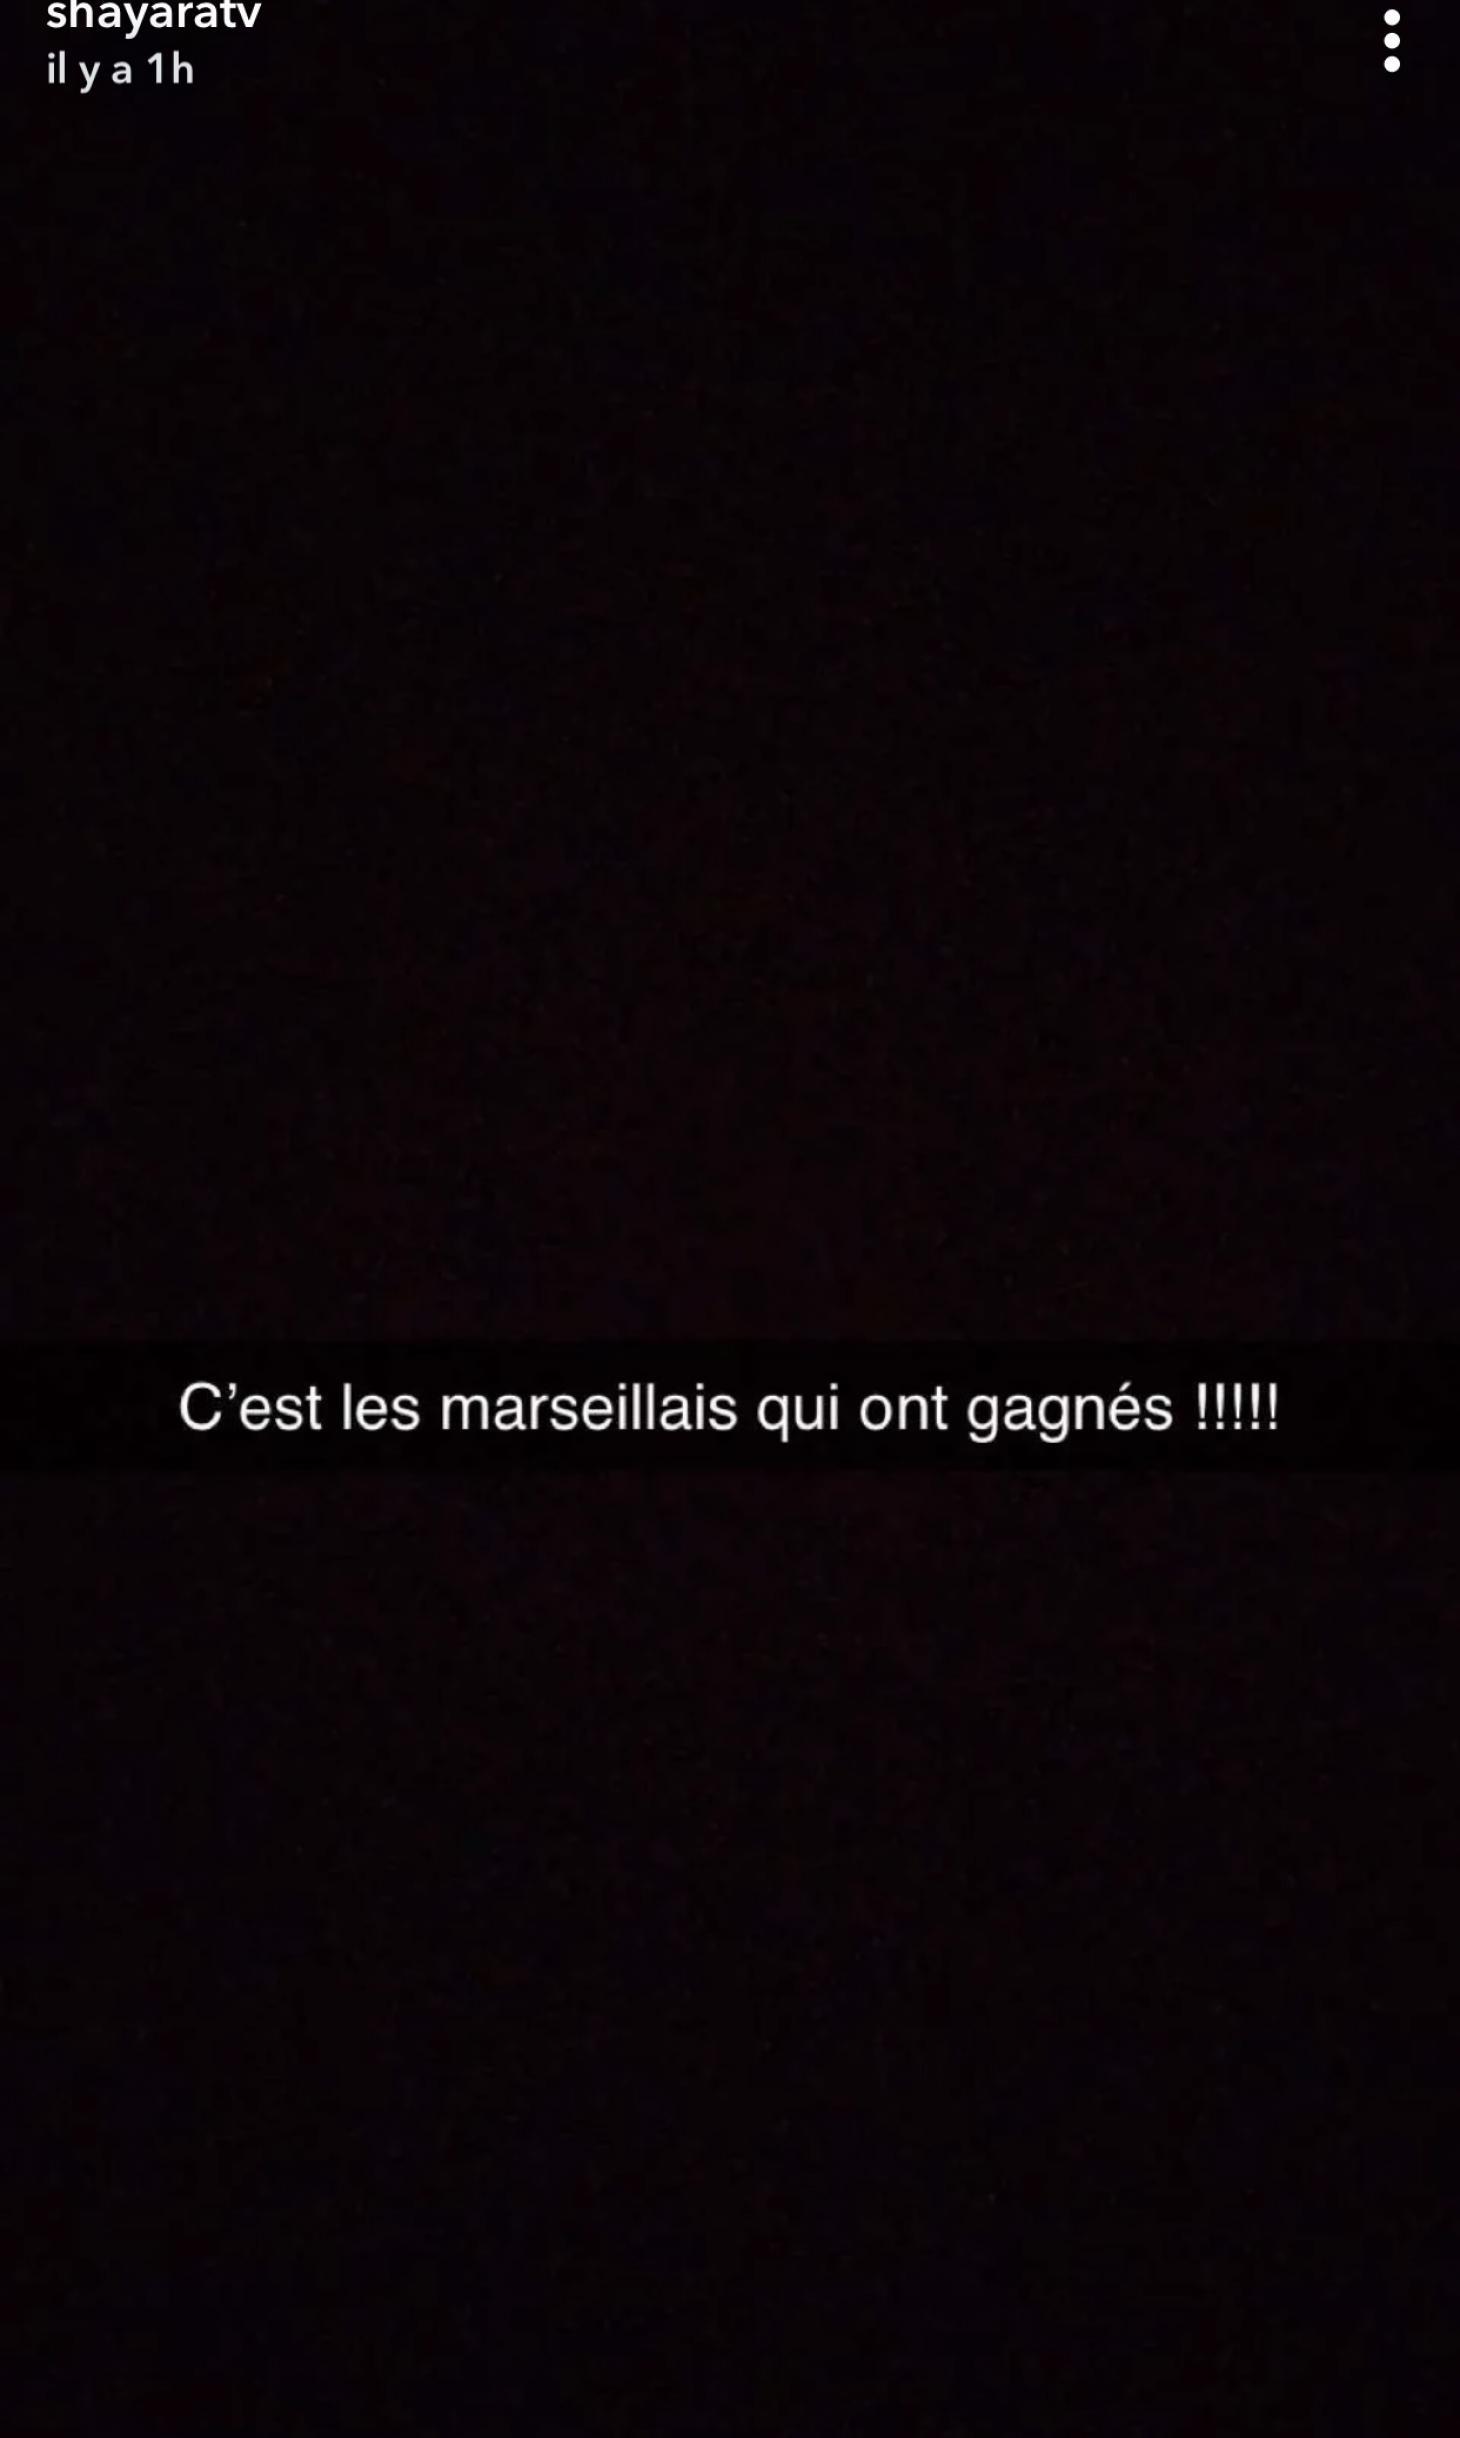 Les Marseillais vs Le Reste du monde 6: Découvrez quelle équipe a remporté la coupe!